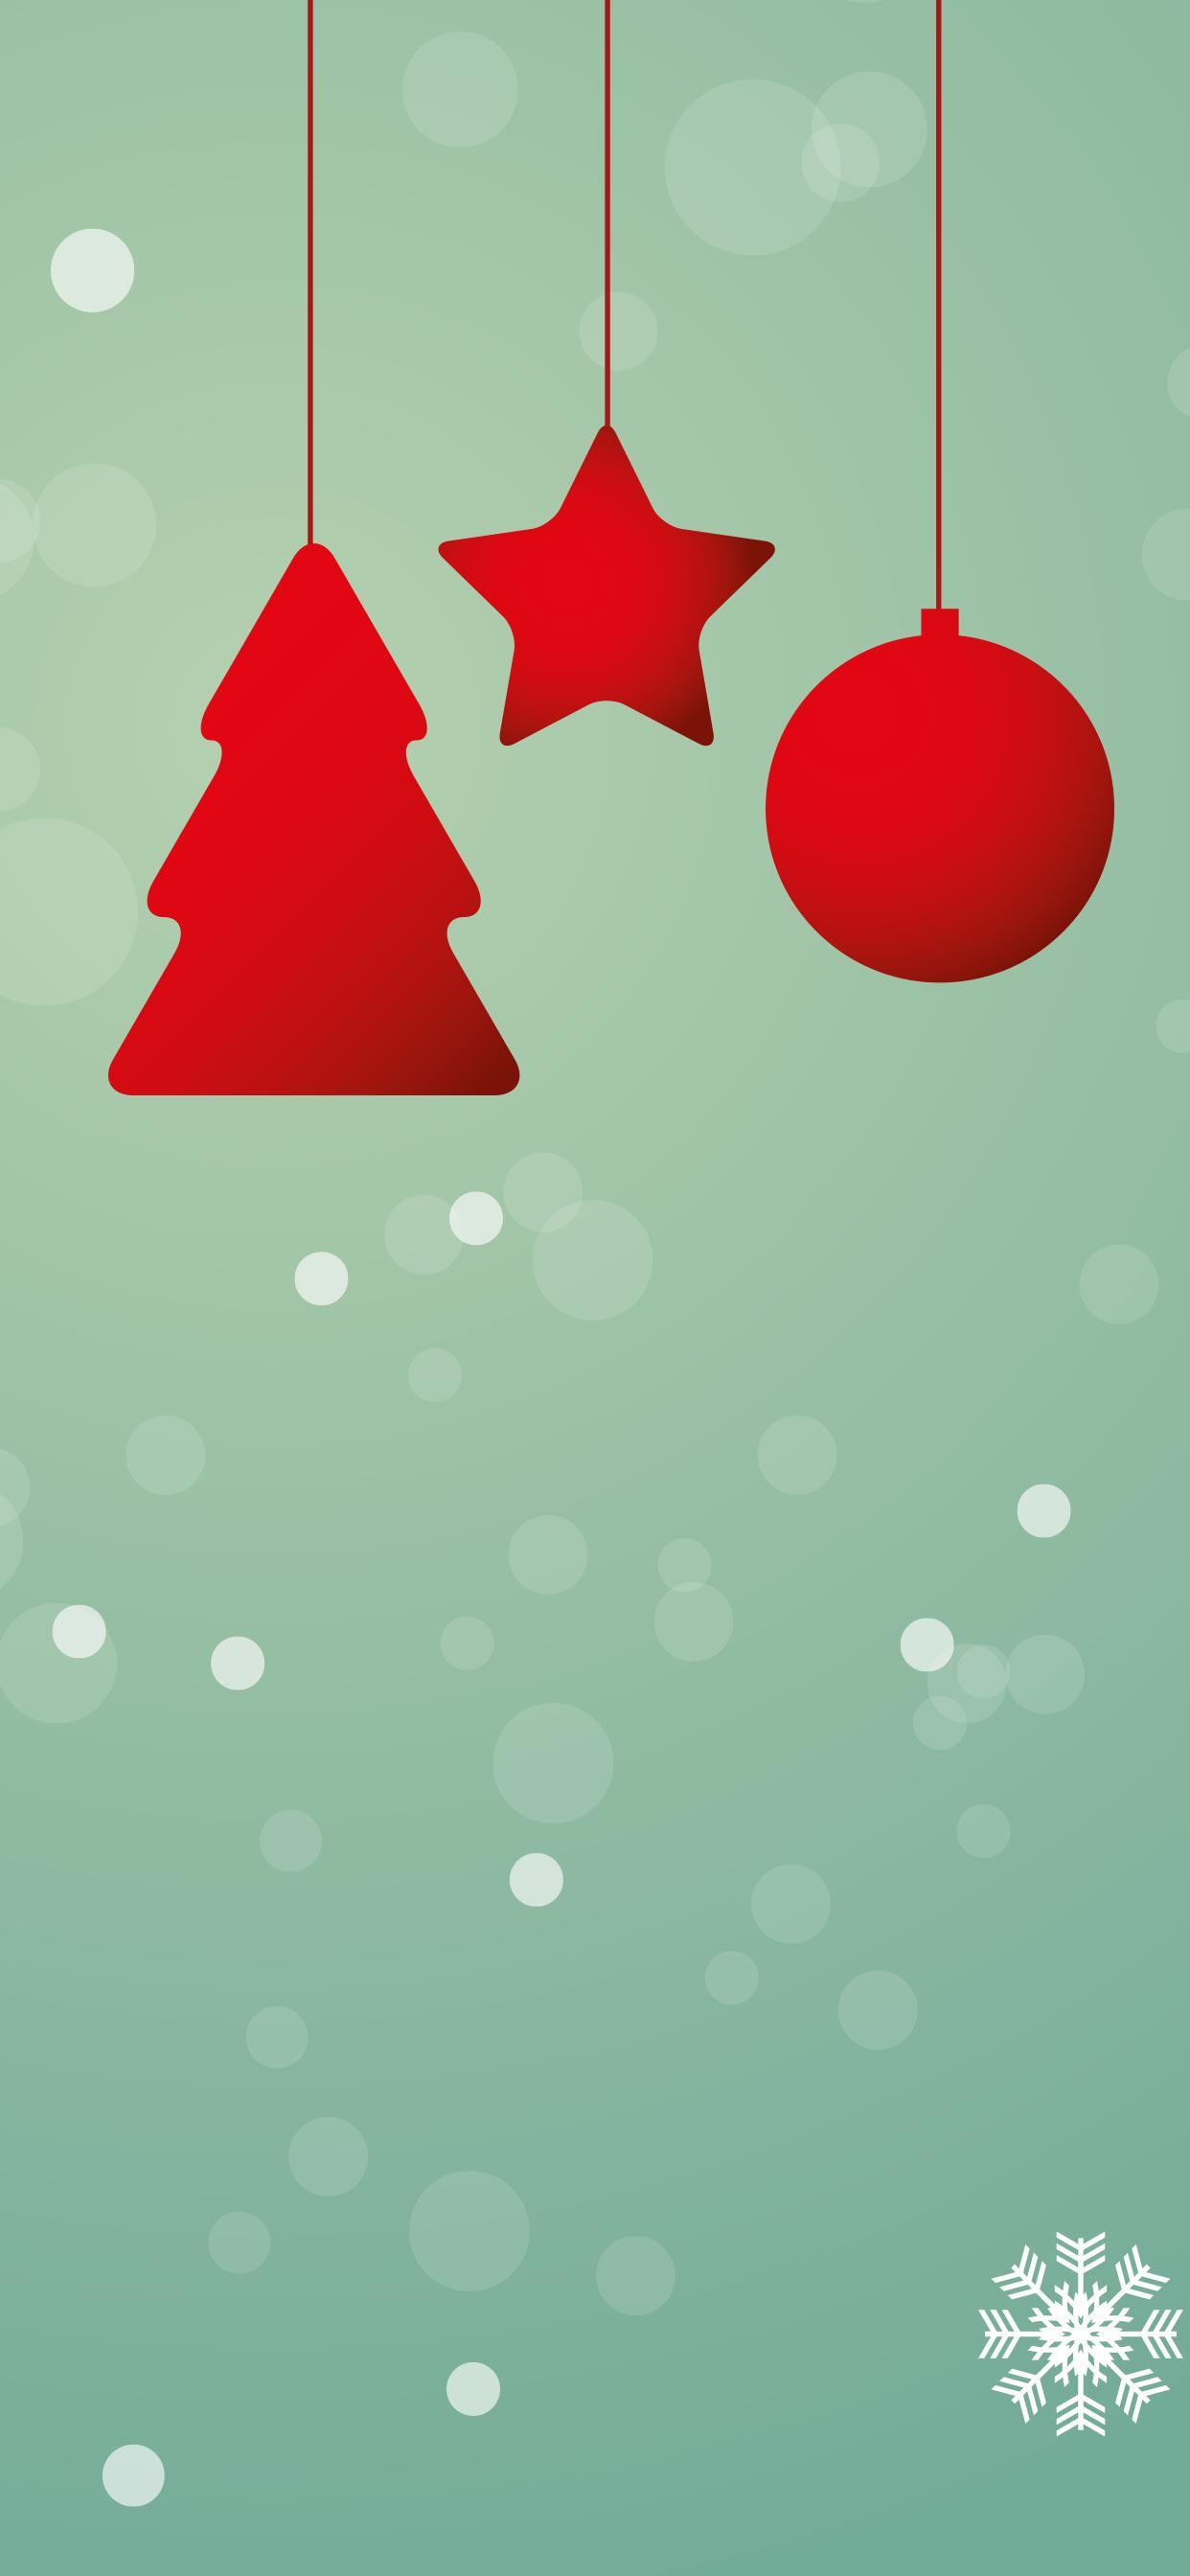 عکس زمینه نماد های کریسمسی پس زمینه